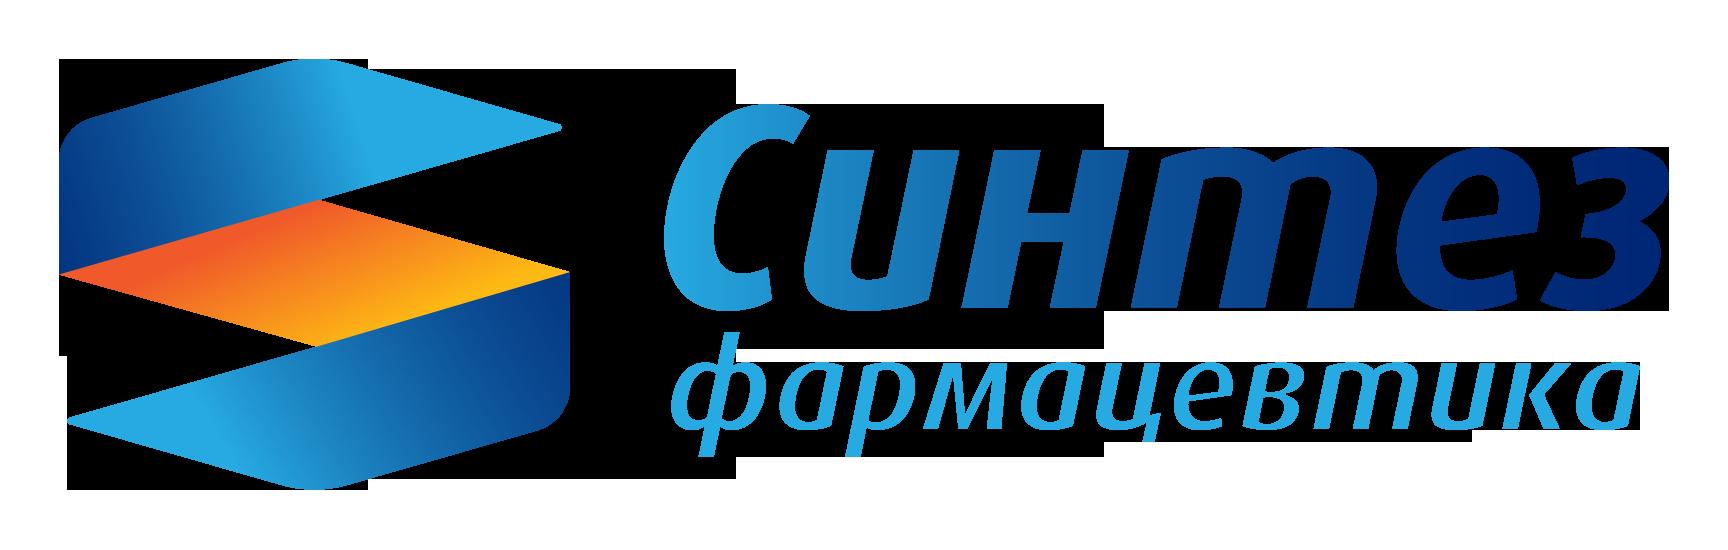 ОАО «Акционерное Курганское общество медицинских препаратов и изделий «Синтез»